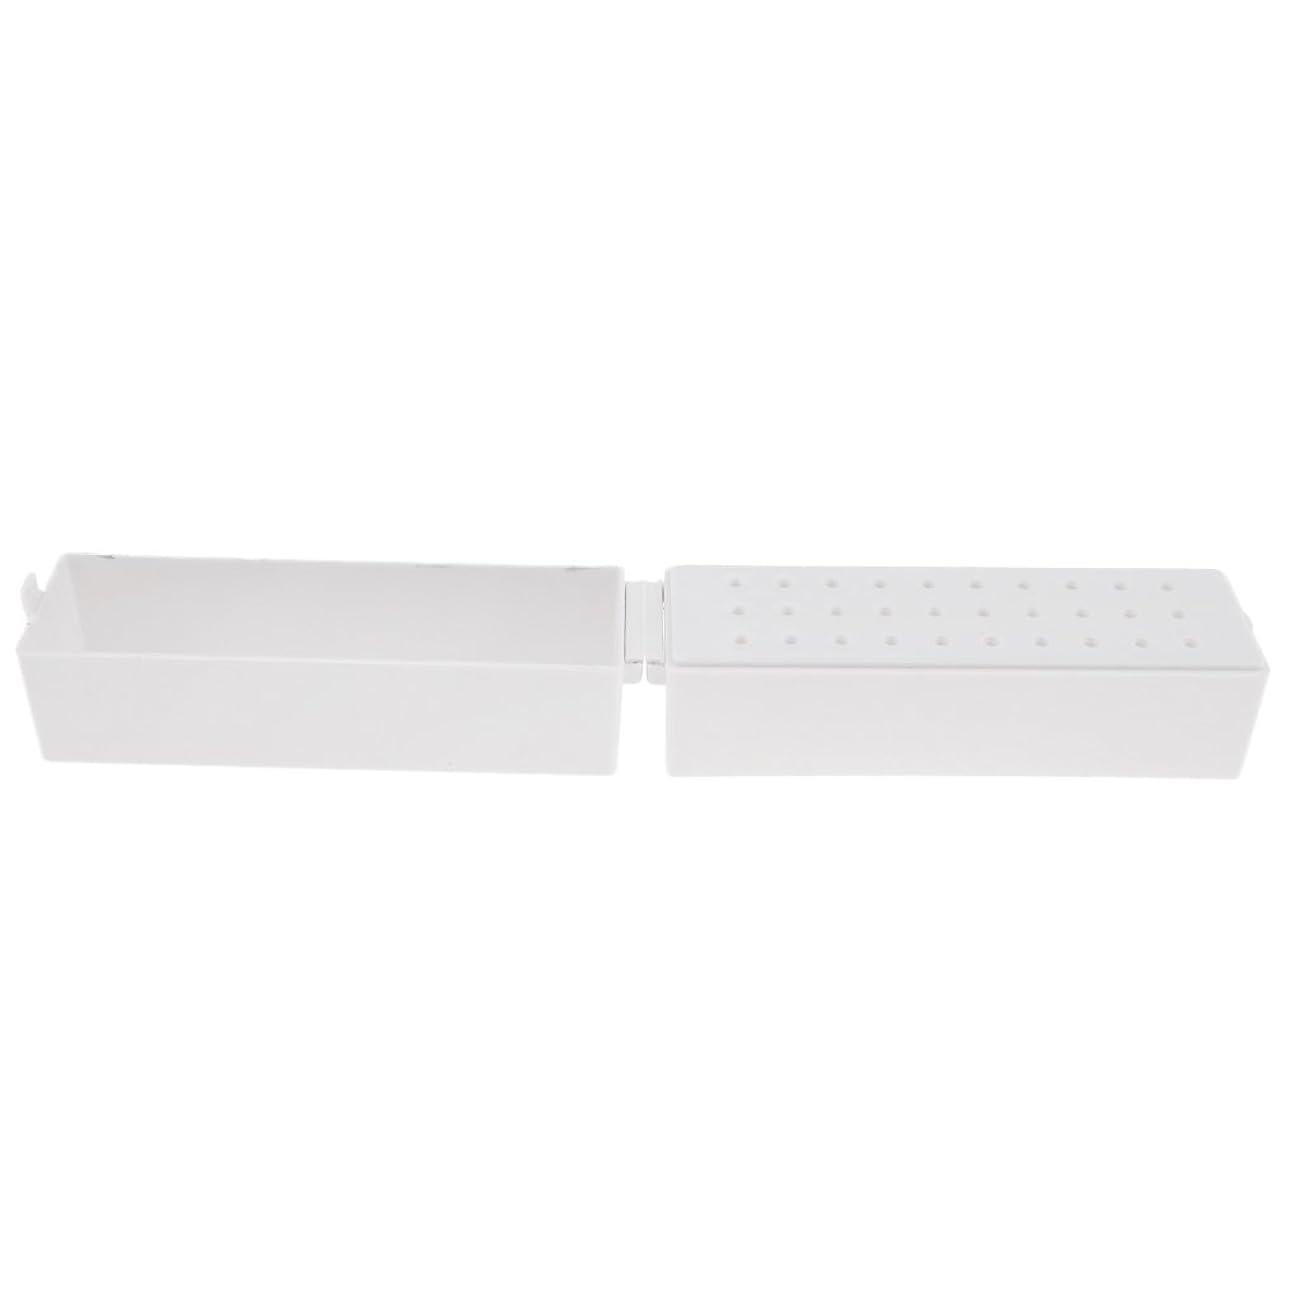 どれでもためにどっちCUTICATE ドリルビットホルダー ドリルビットスタンド 収納オーガナイザー プラスチック ネイル道具